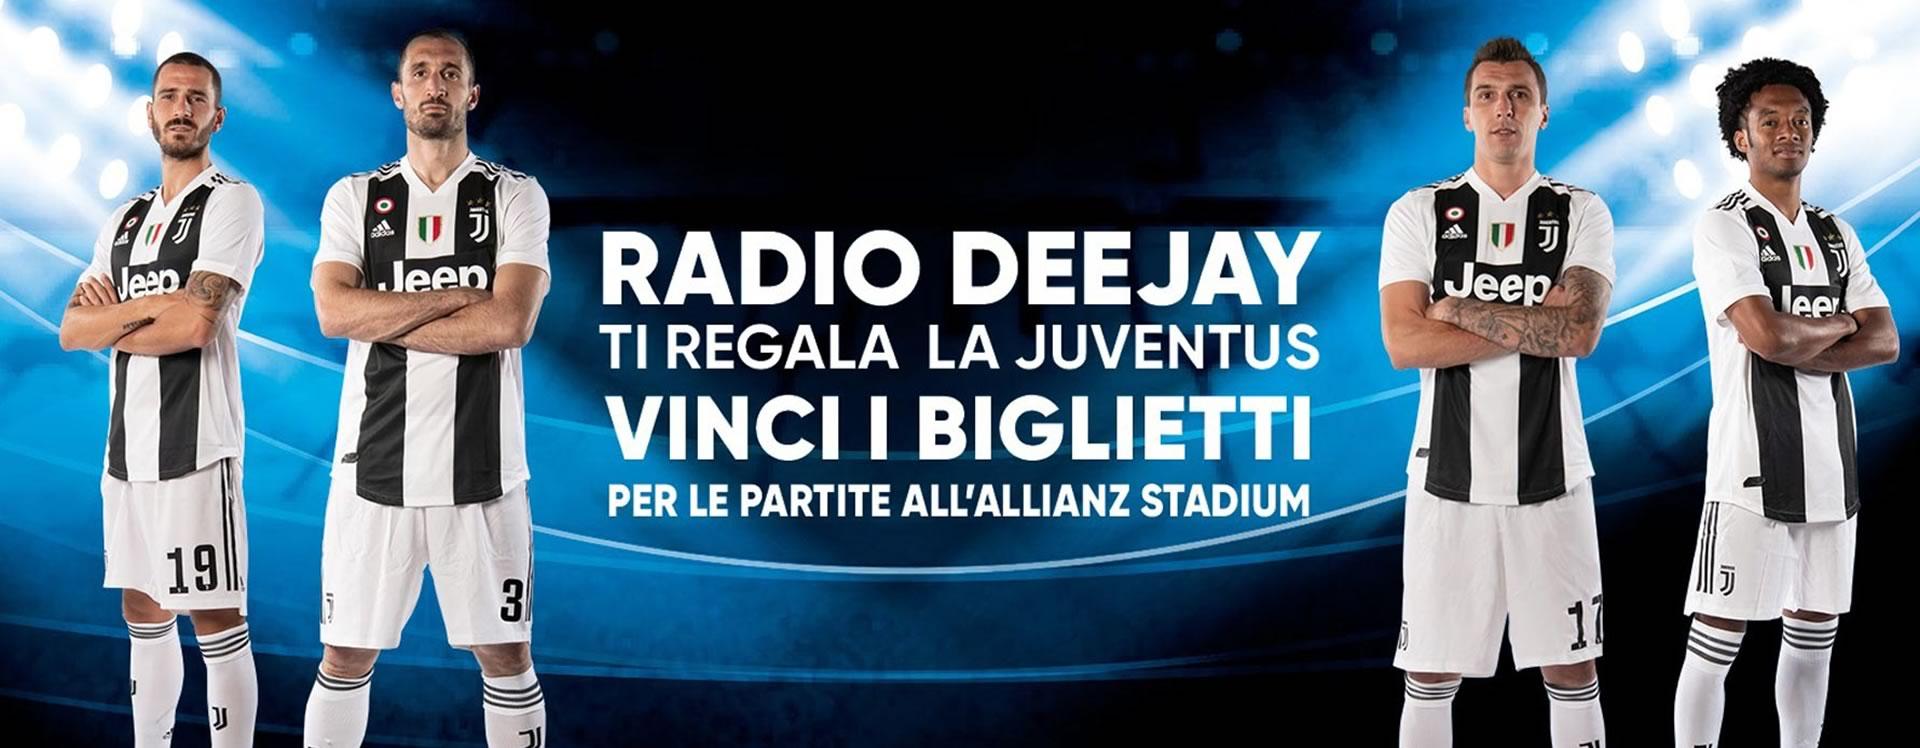 Concorso online Radio Deejay Juventus official radio